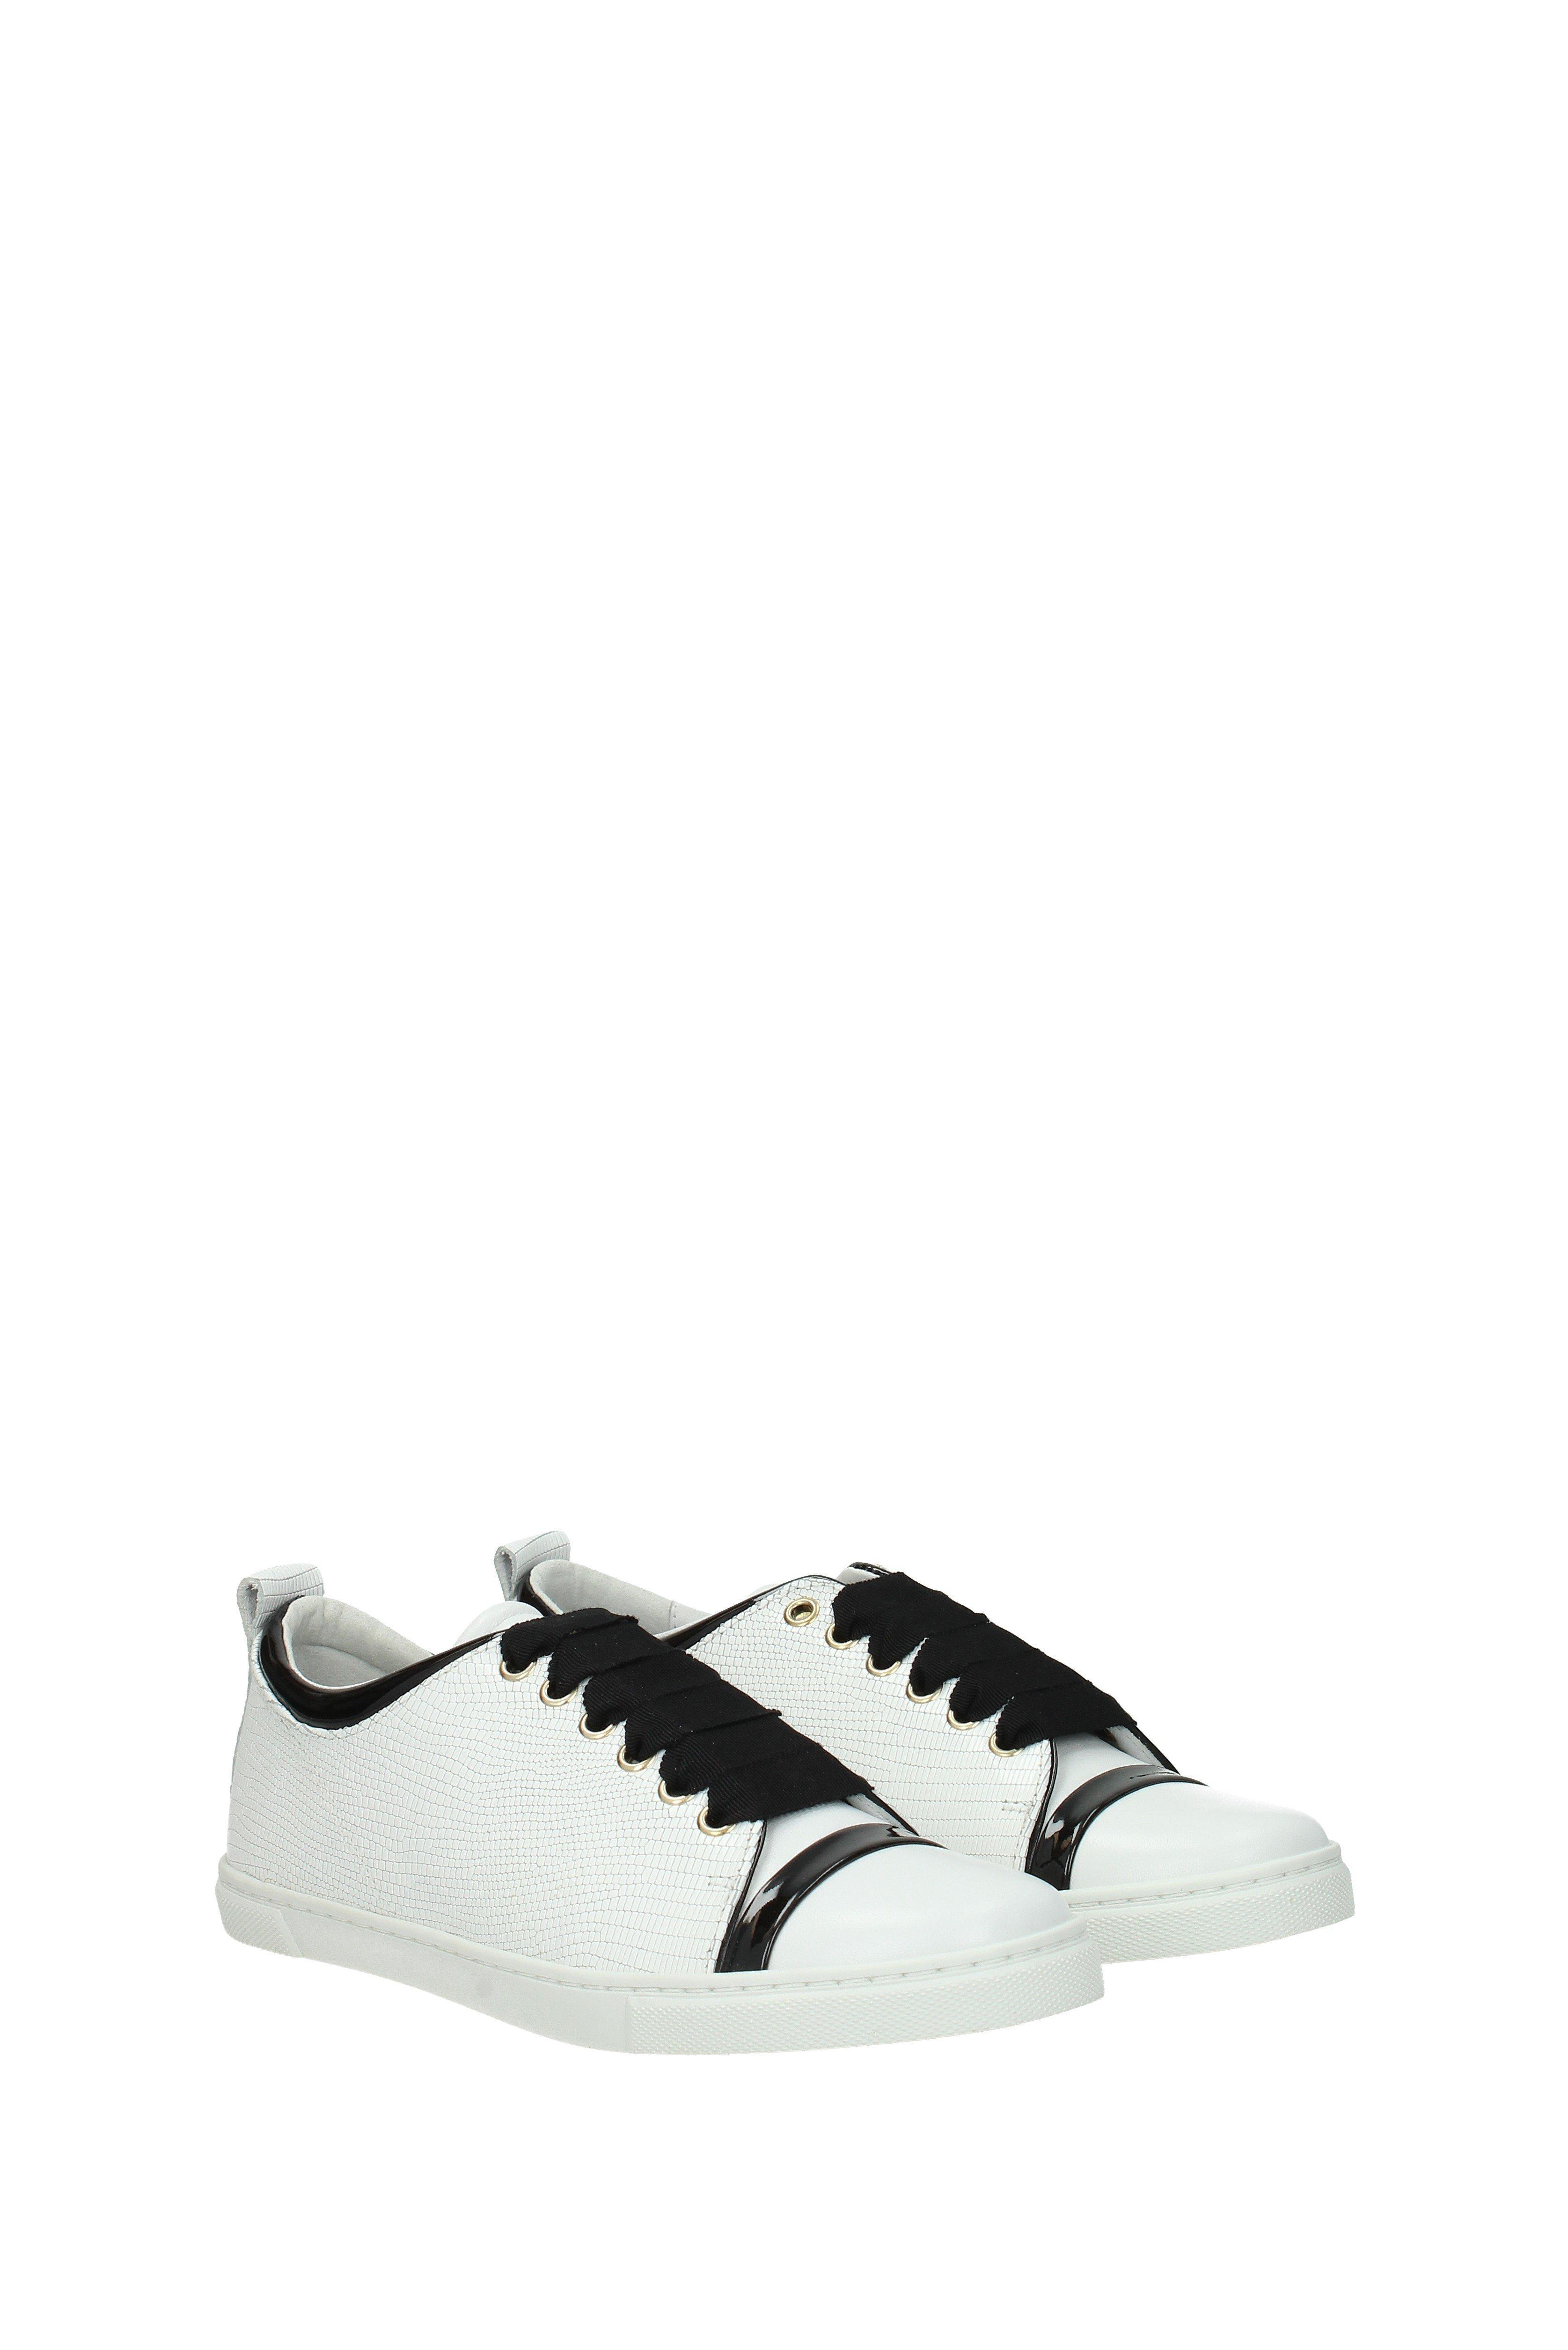 Lyst Lanvin Sneakers White Lanvin Sneakers White Sneakers Women Lyst Women Lyst Lanvin nw8OPkX0